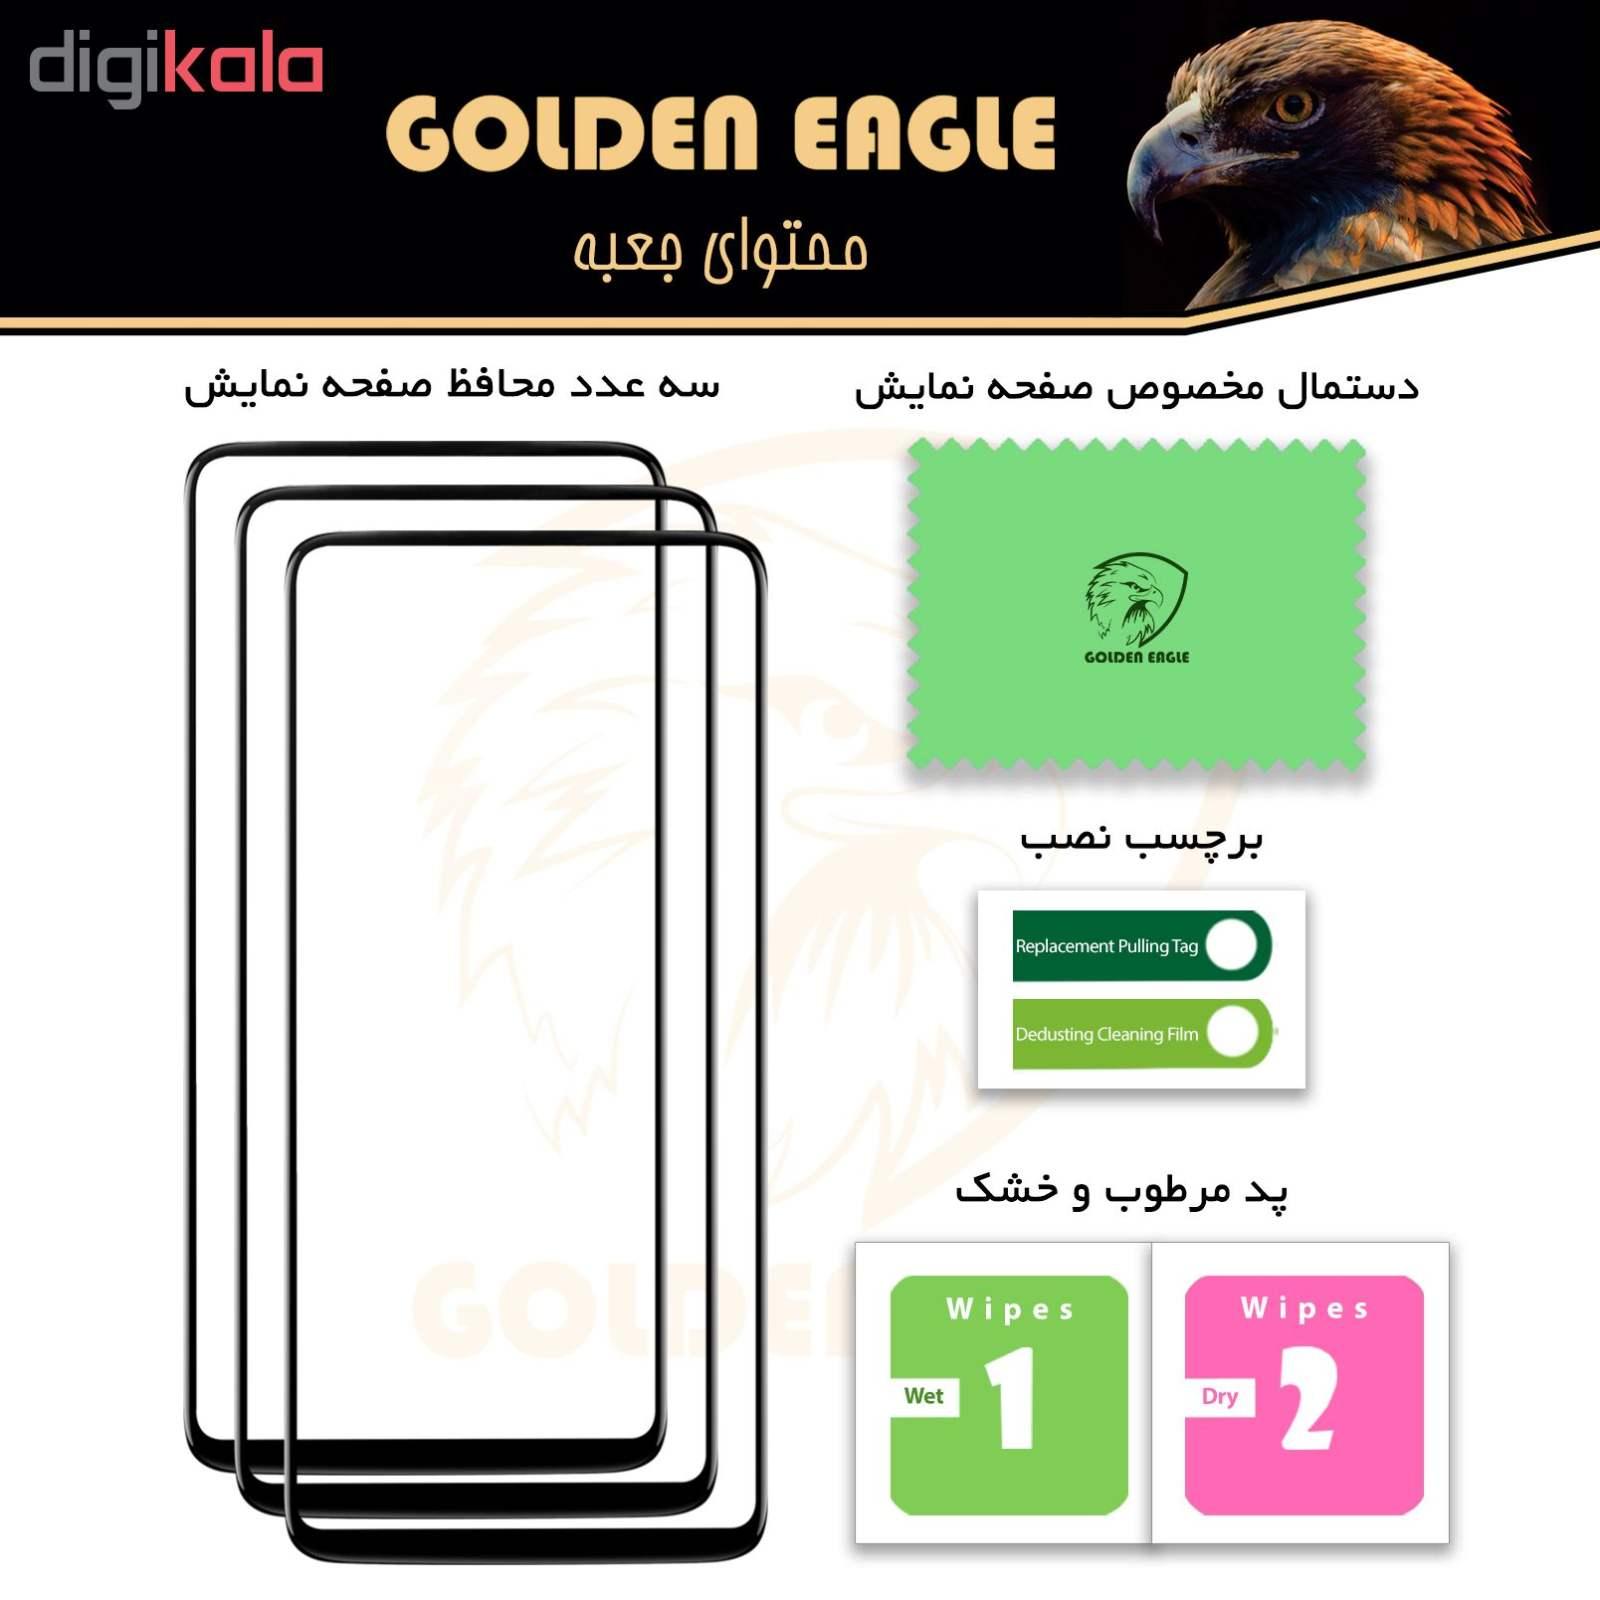 محافظ صفحه نمایش گلدن ایگل مدل DFC-X3 مناسب برای گوشی موبایل سامسونگ Galaxy Note 9 بسته سه عددی main 1 2